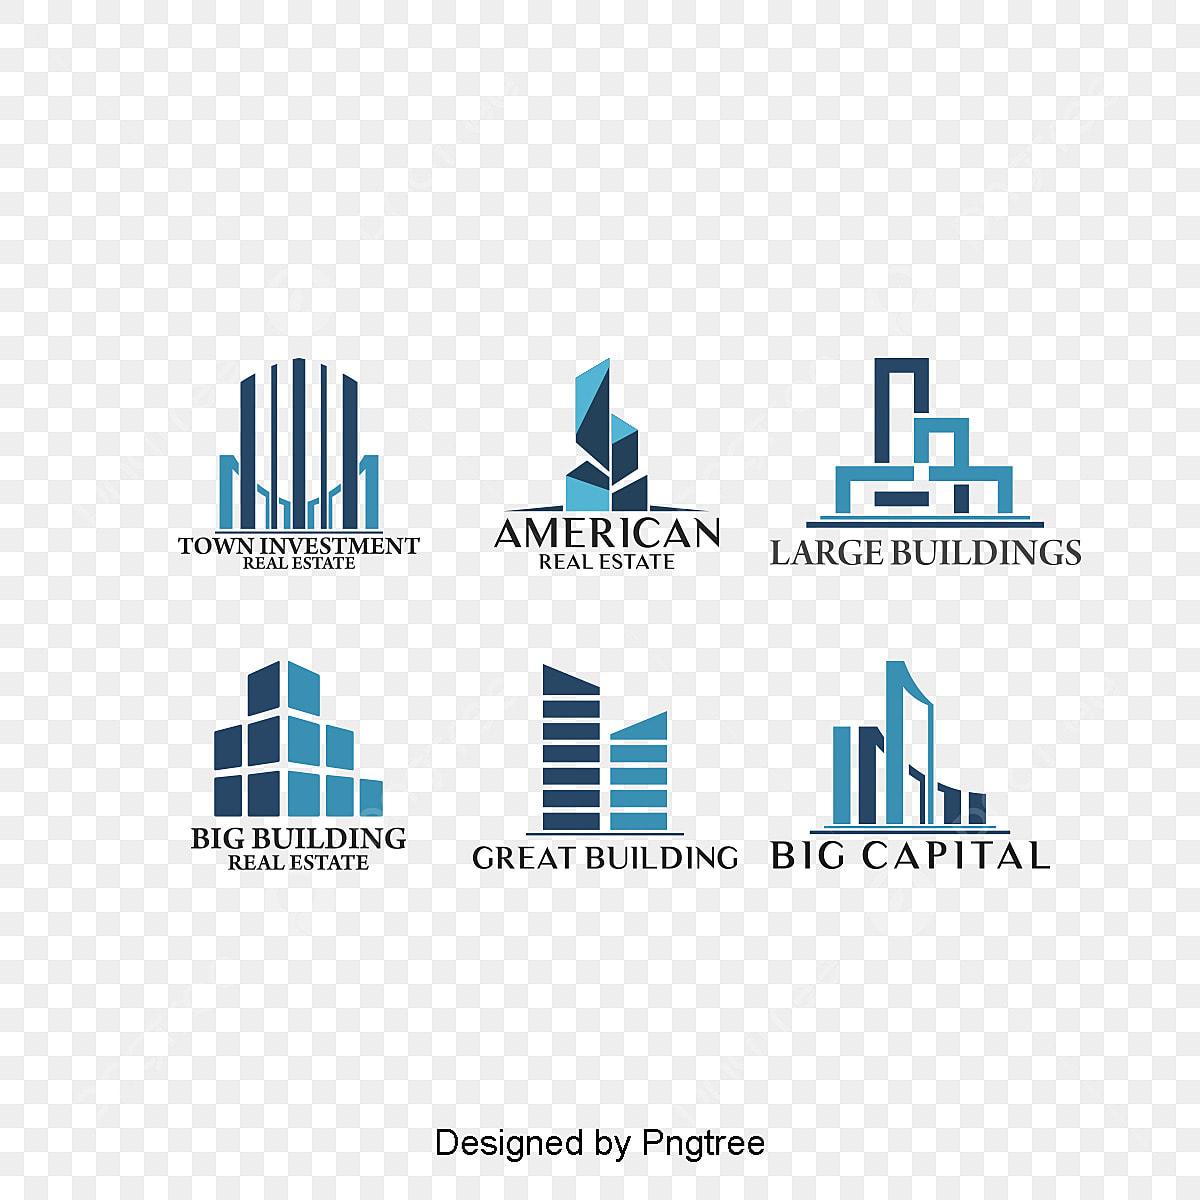 6 Conception De Logo De Batiment Elegant Modele De Conception De Logo Gratuit Mode Construction Icone Fichier Png Et Psd Pour Le Telechargement Libre